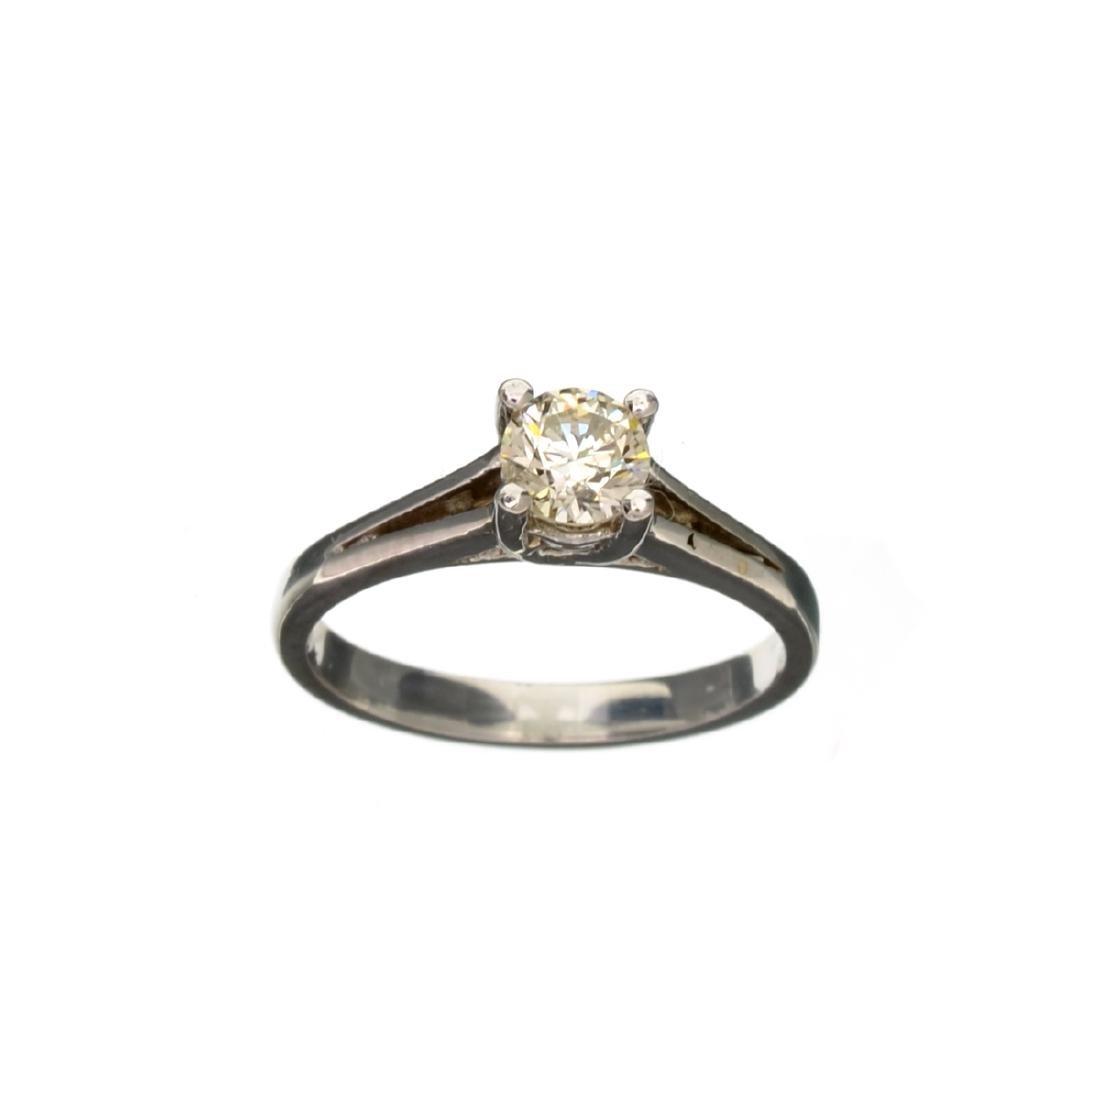 APP: 2k 14 kt. White Gold, 0.50CT Round Cut Diamond